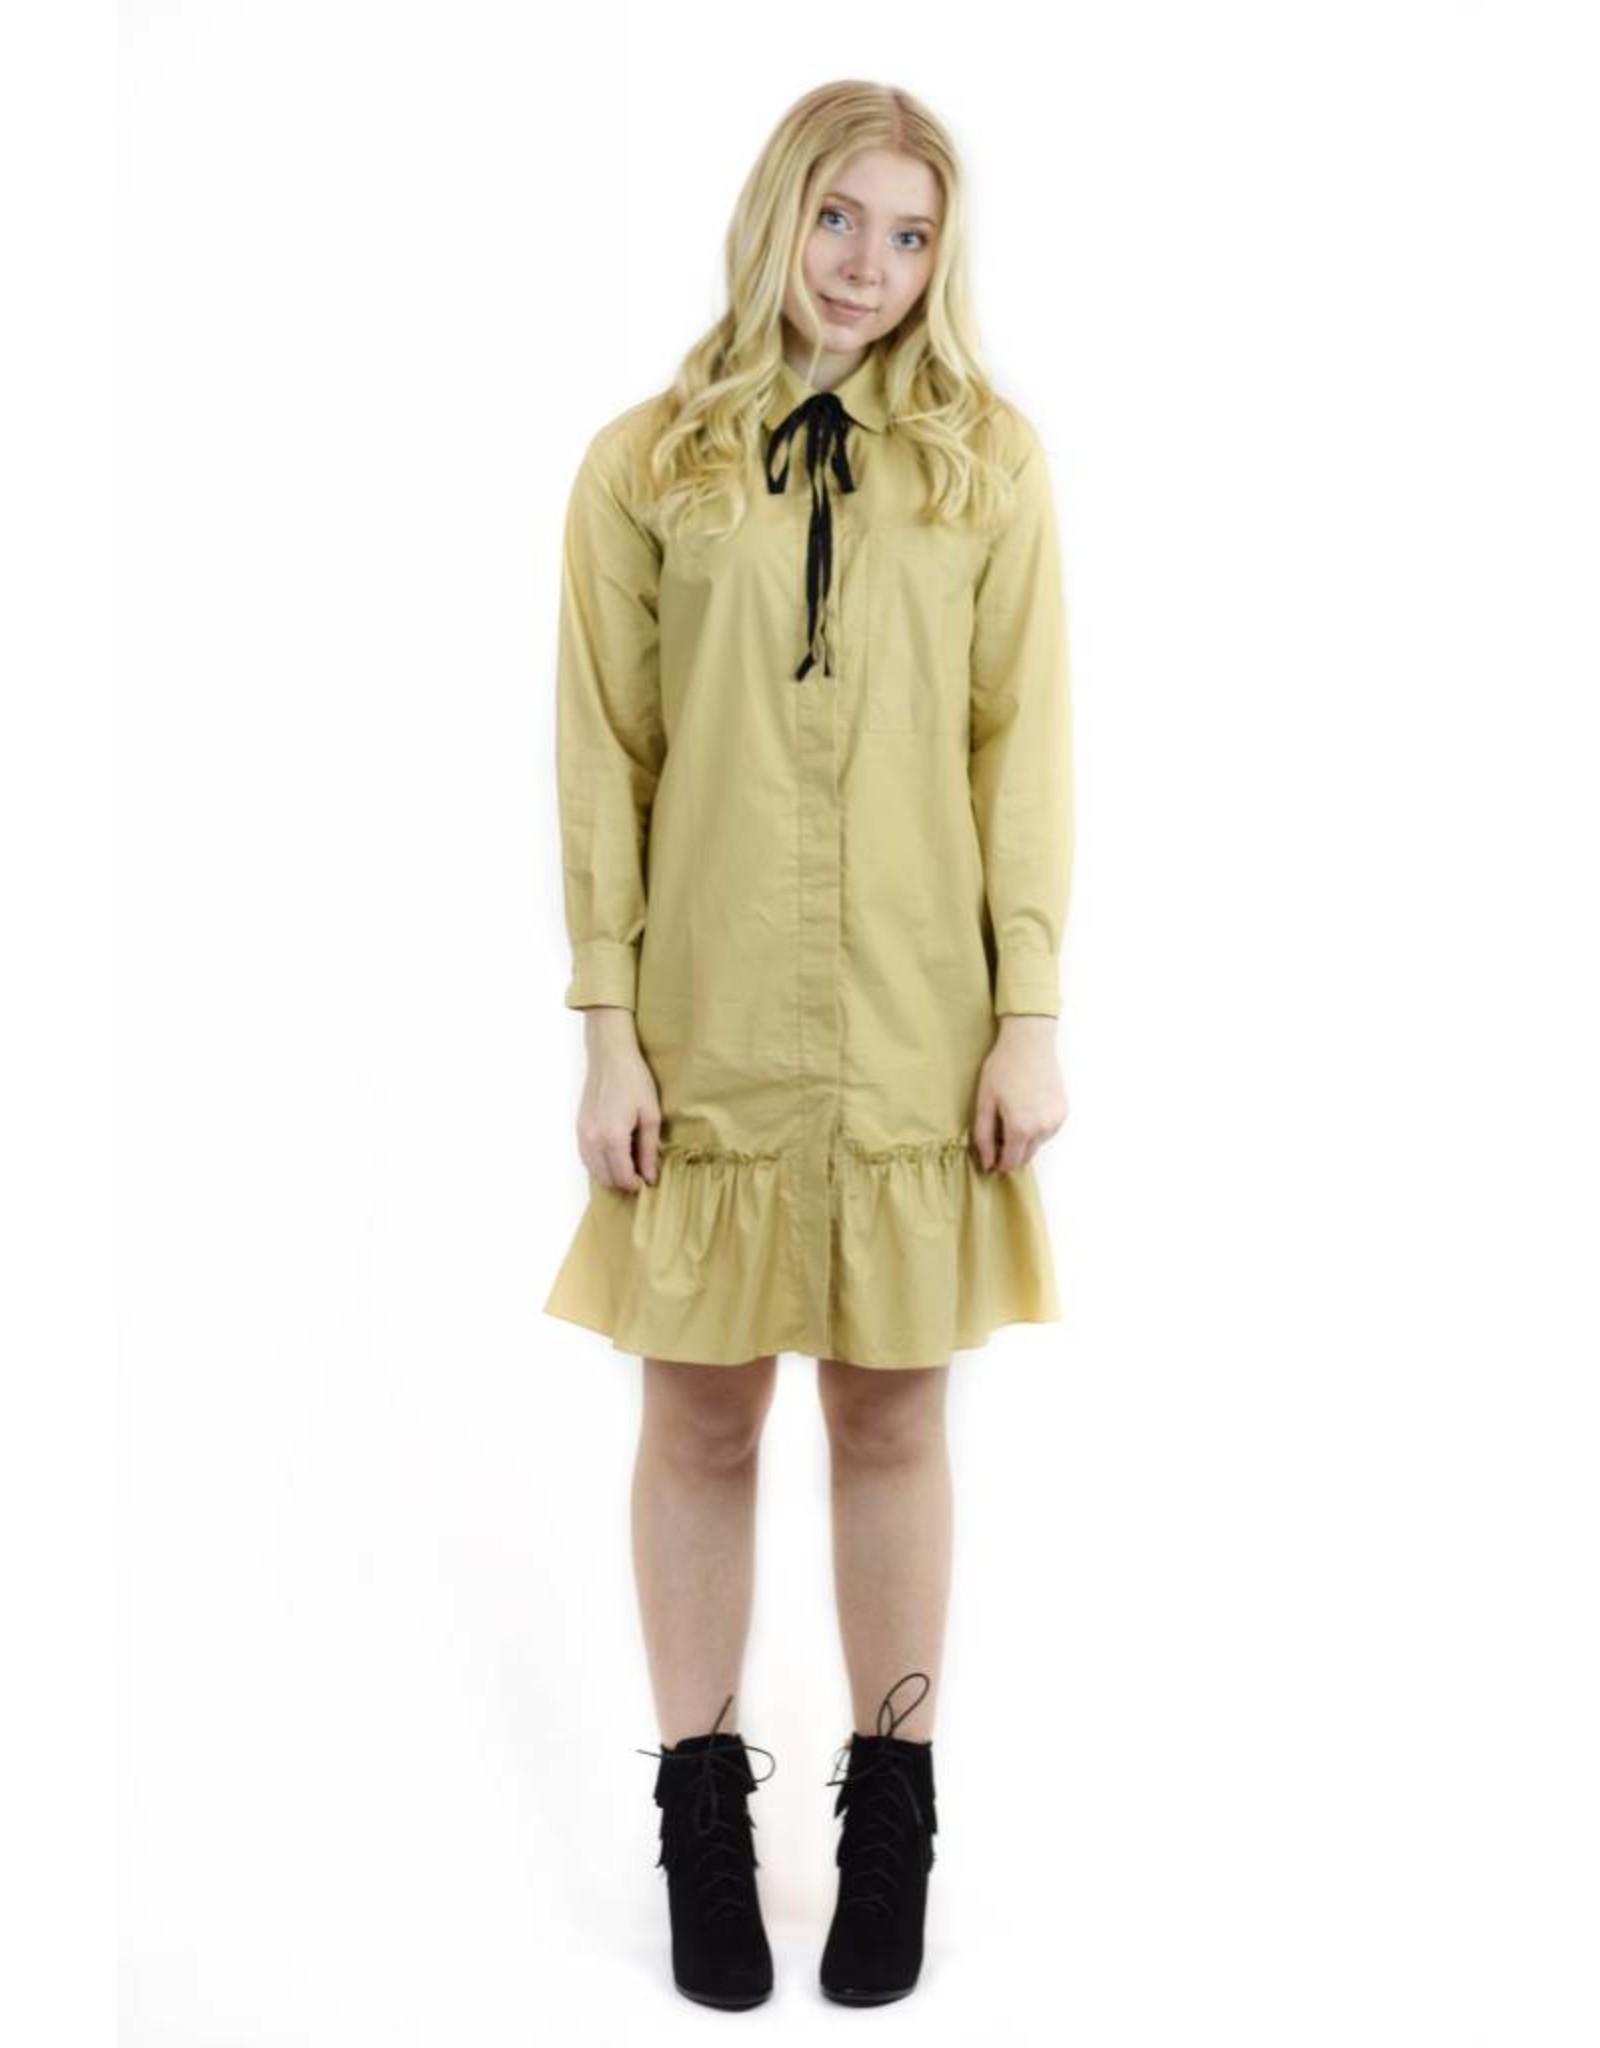 Hilary Dress